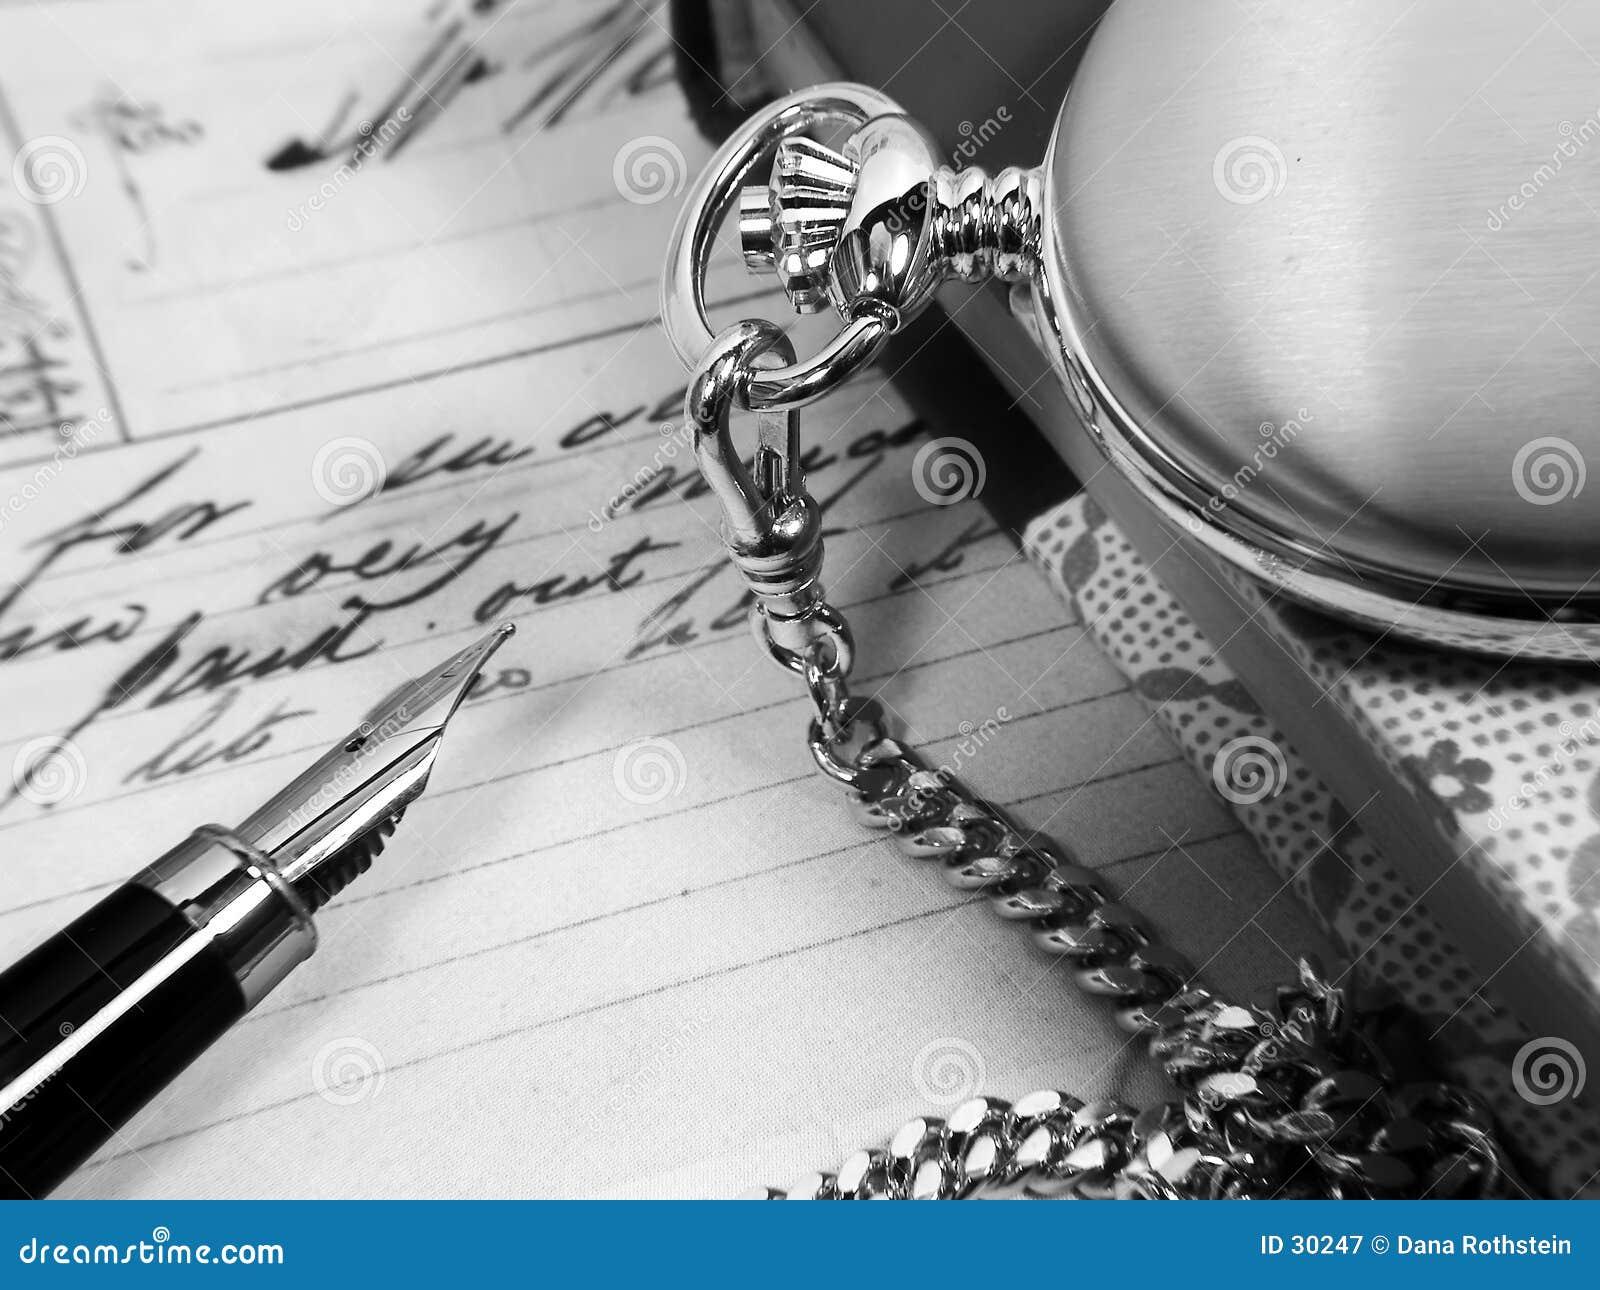 Download Escritorio retro imagen de archivo. Imagen de nota, personal - 30247